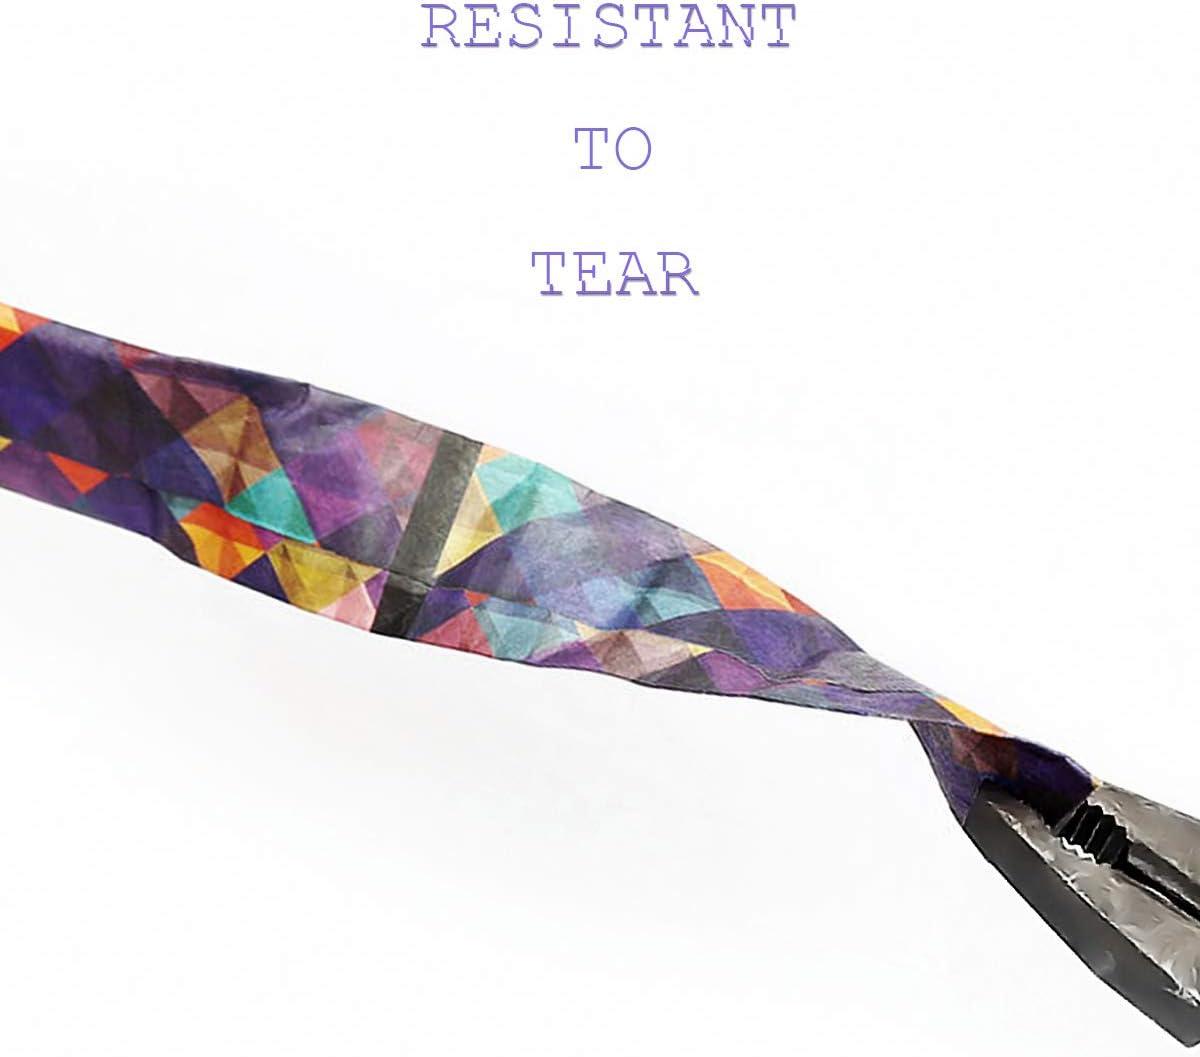 Surenhap Montre Papier Montre numérique à l'épreuve des Larmes et imperméable à l'eau Montre numérique à Bracelet magnétique ultraléger pour Filles - Camouflage (Gris) Ciel Étoilé (Noir)